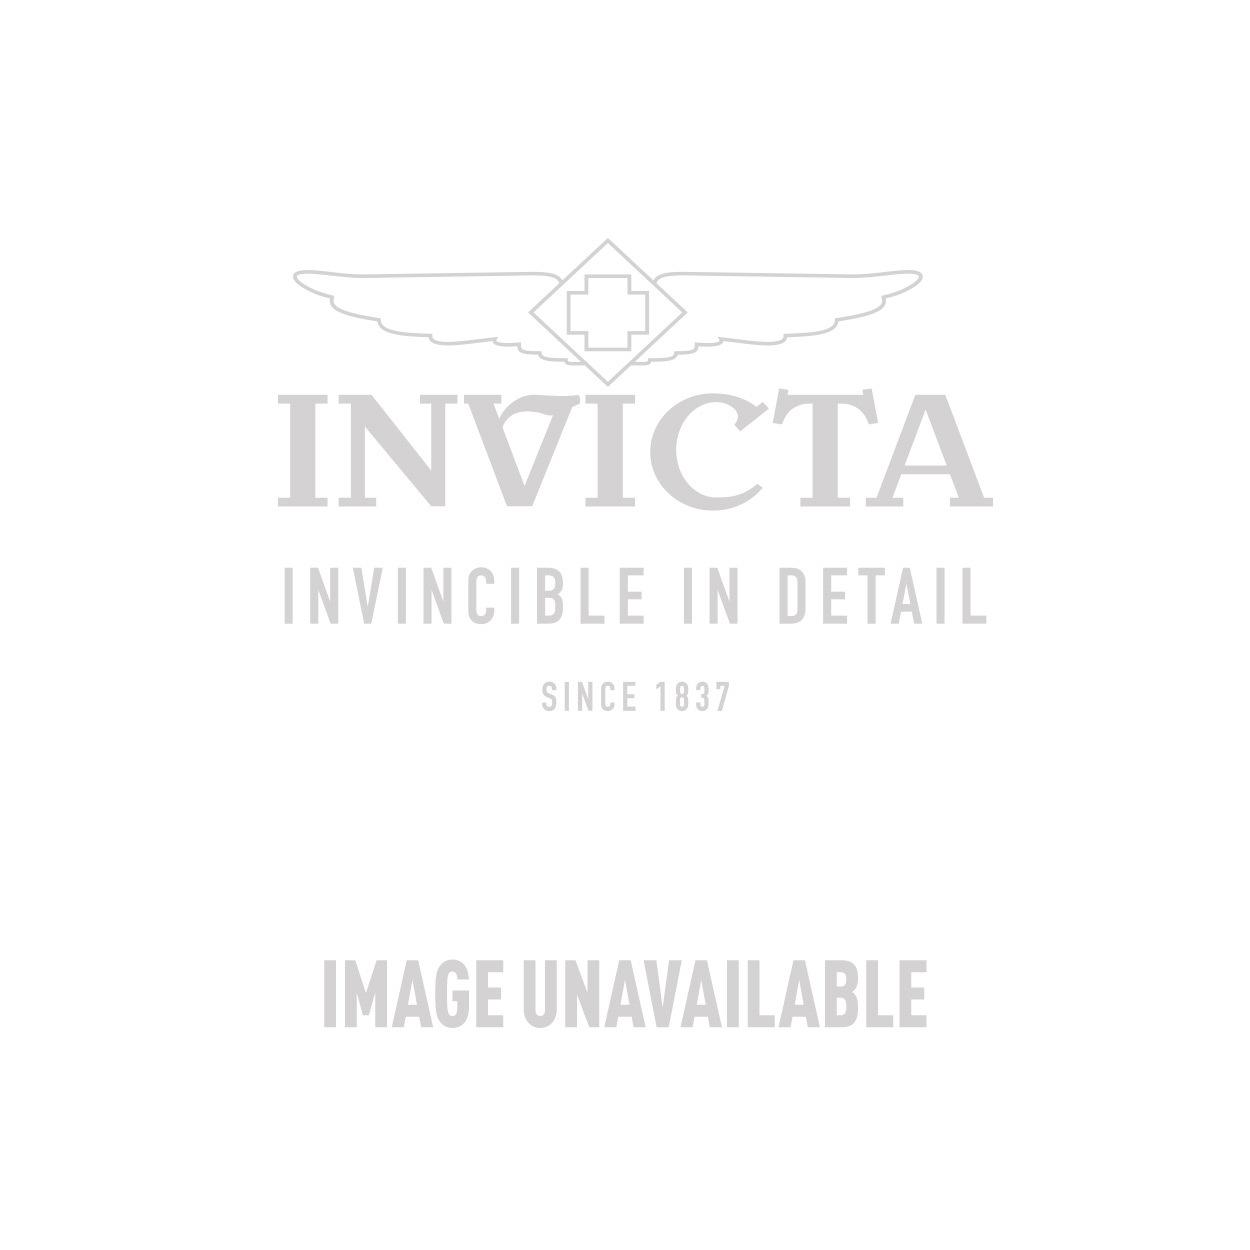 Invicta Subaqua  NOMA III Mens Quartz 50mm Grey Case  Stainless Steel, Plastic Dial Model  - 0930